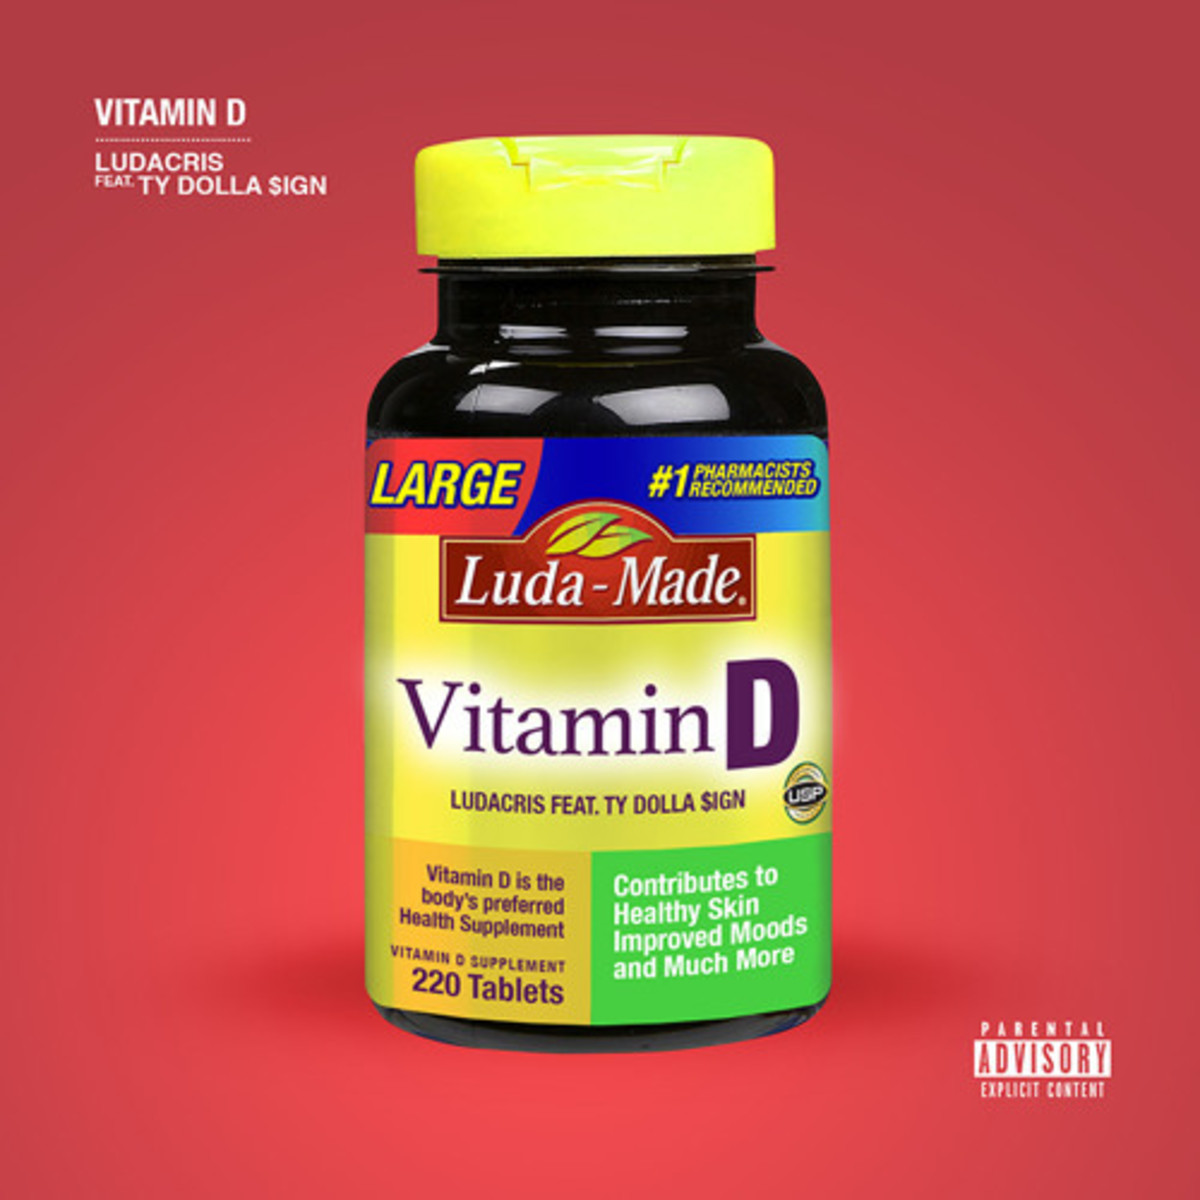 ludacris-vitamin-d.jpg